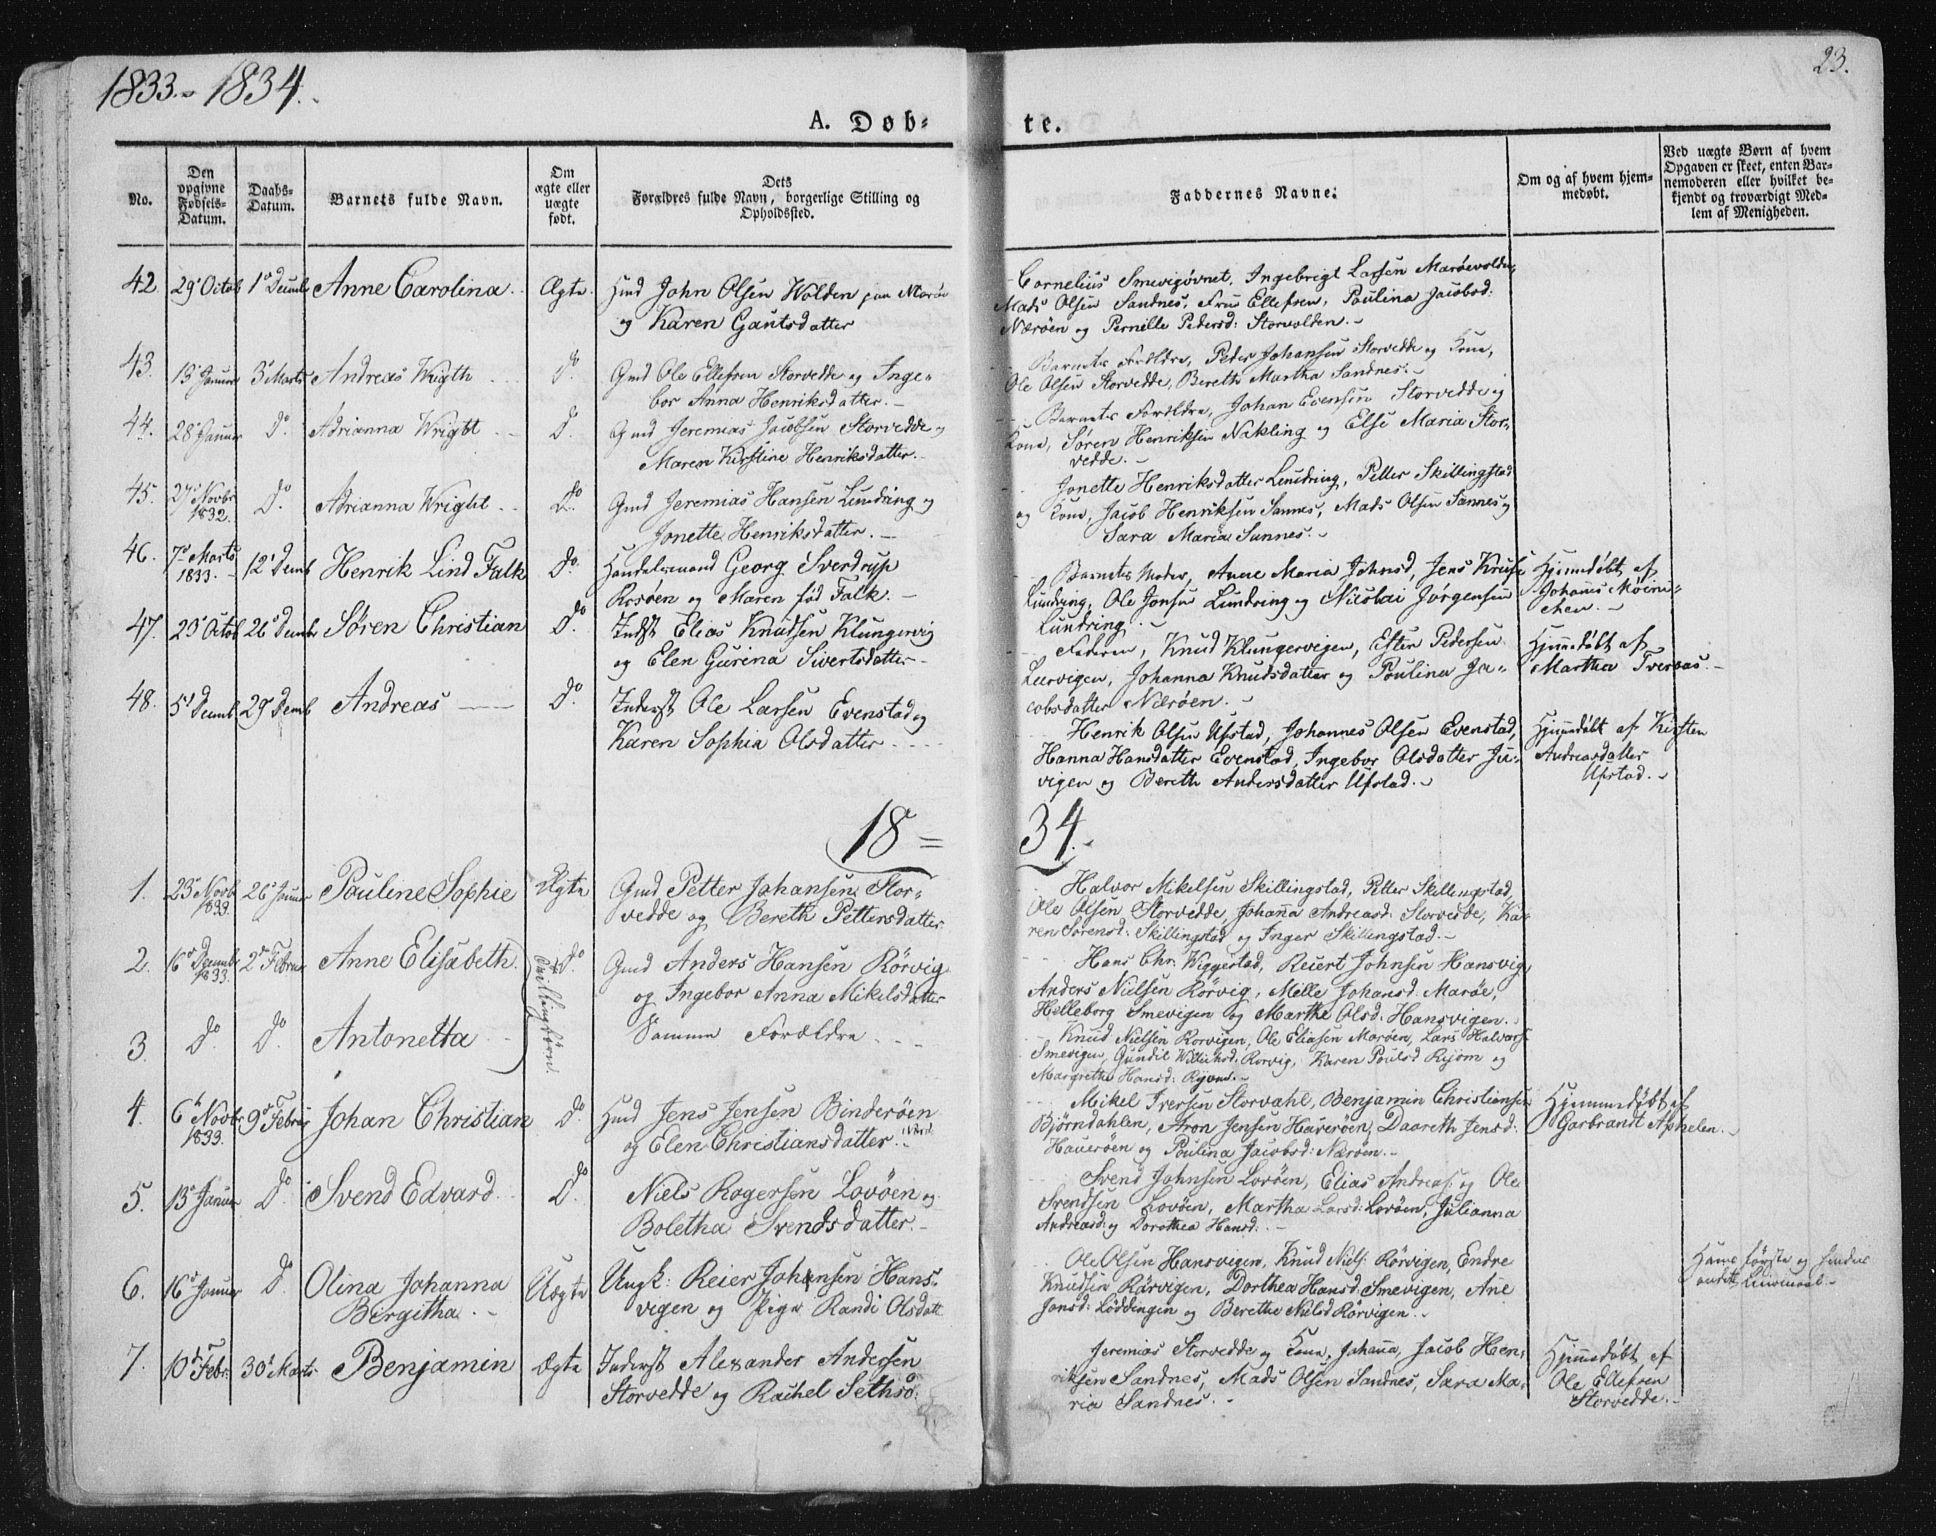 SAT, Ministerialprotokoller, klokkerbøker og fødselsregistre - Nord-Trøndelag, 784/L0669: Ministerialbok nr. 784A04, 1829-1859, s. 23